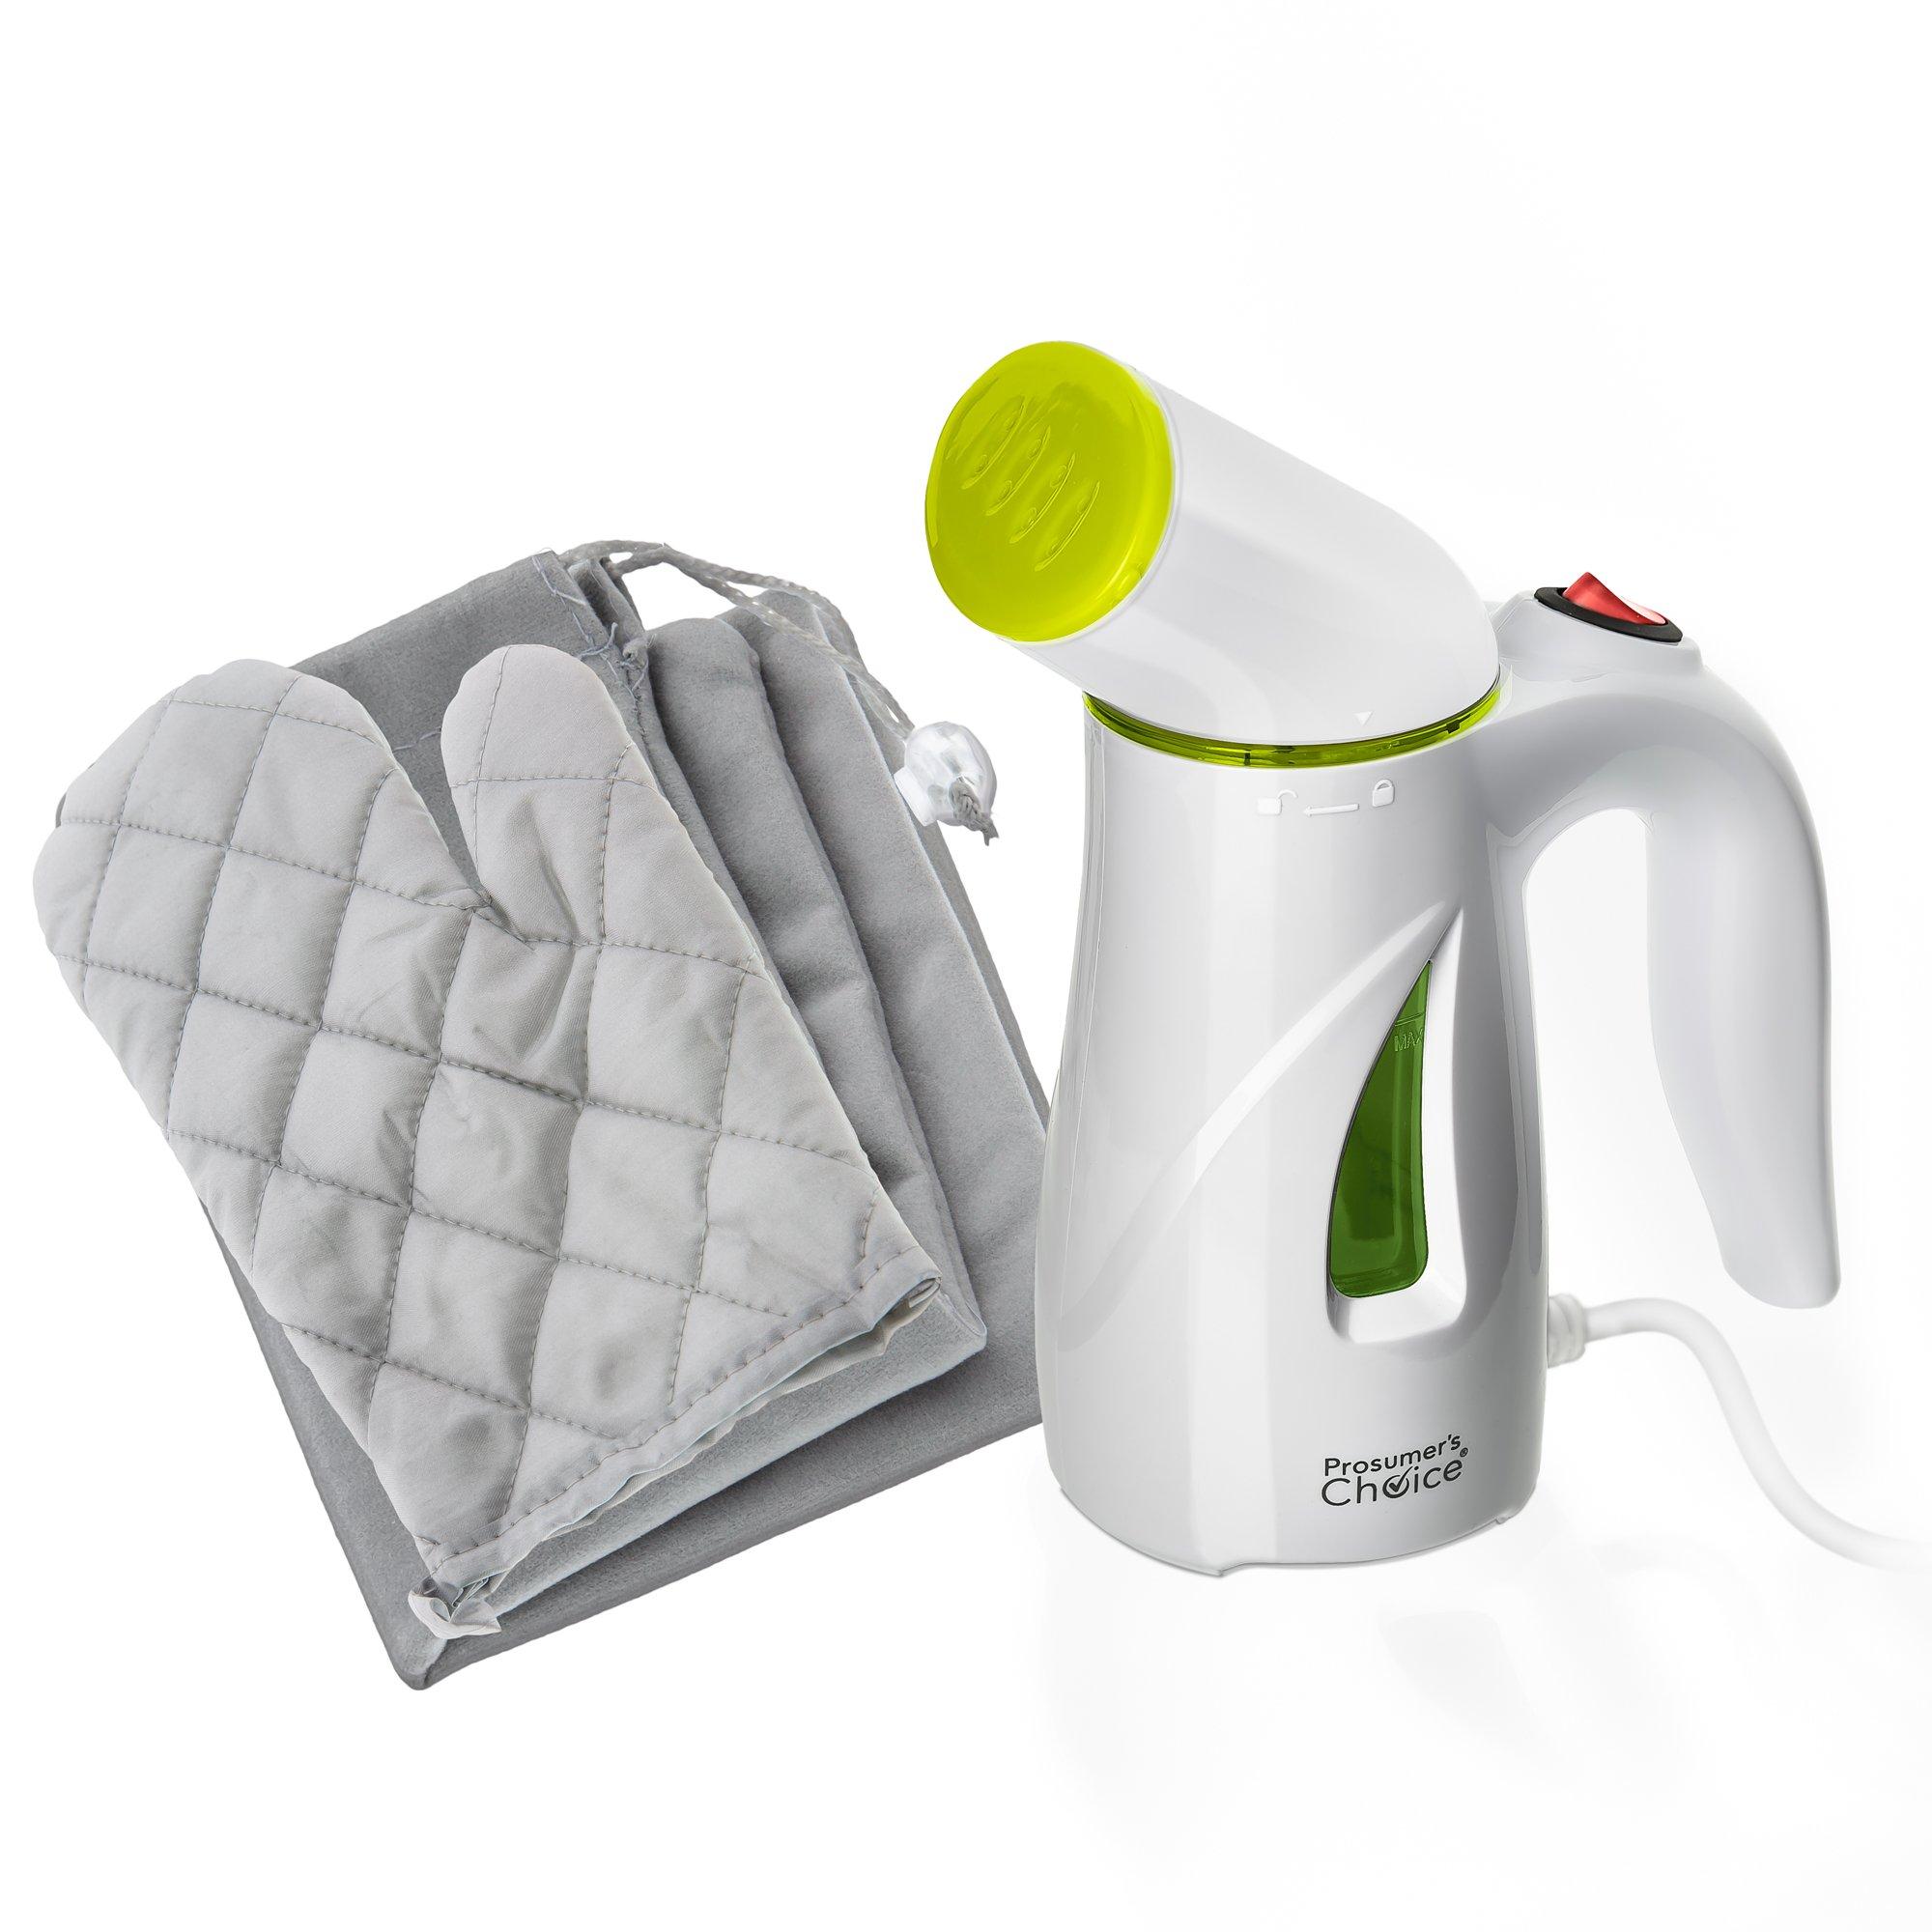 Prosumer's Choice Handheld Garment Travel Steamer